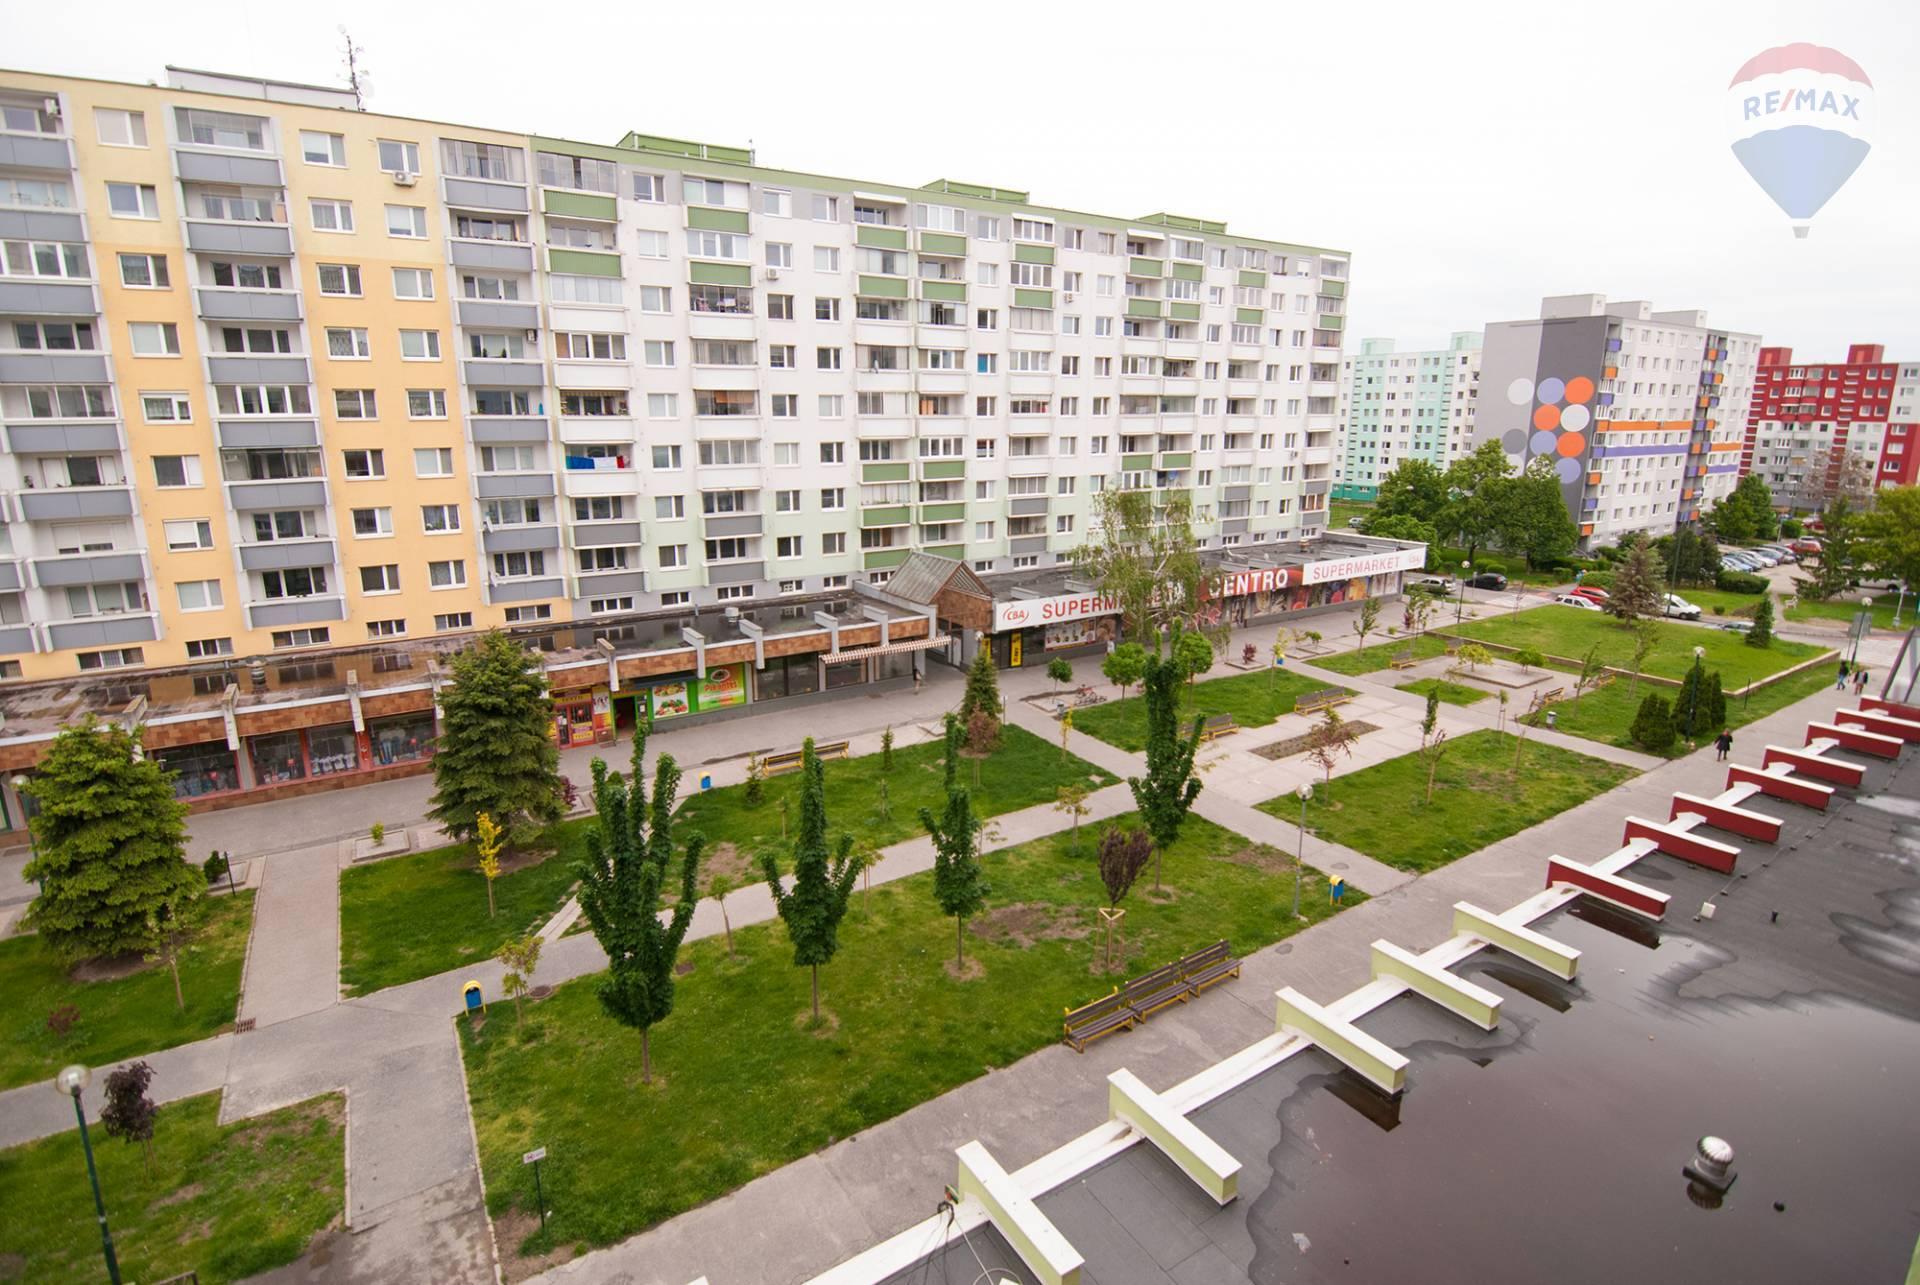 ❗PRENÁJOM❗ 1 izbový byt na pešej zóne vo Vrakuni